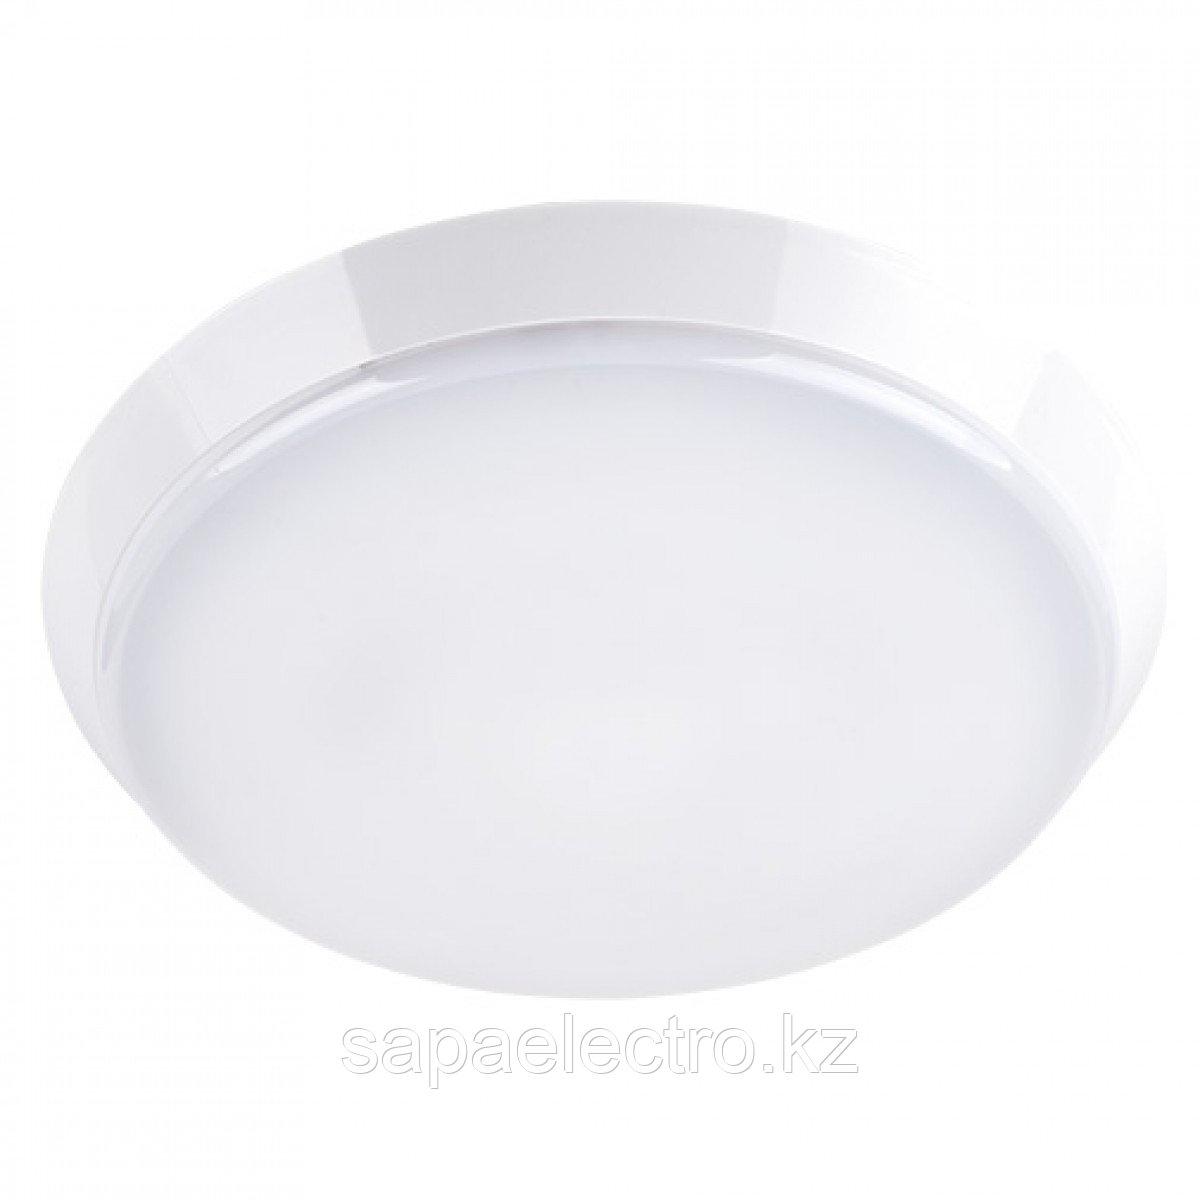 Св-к UFO MAXI  LED 22W 4000K  MGL (2/10шт)